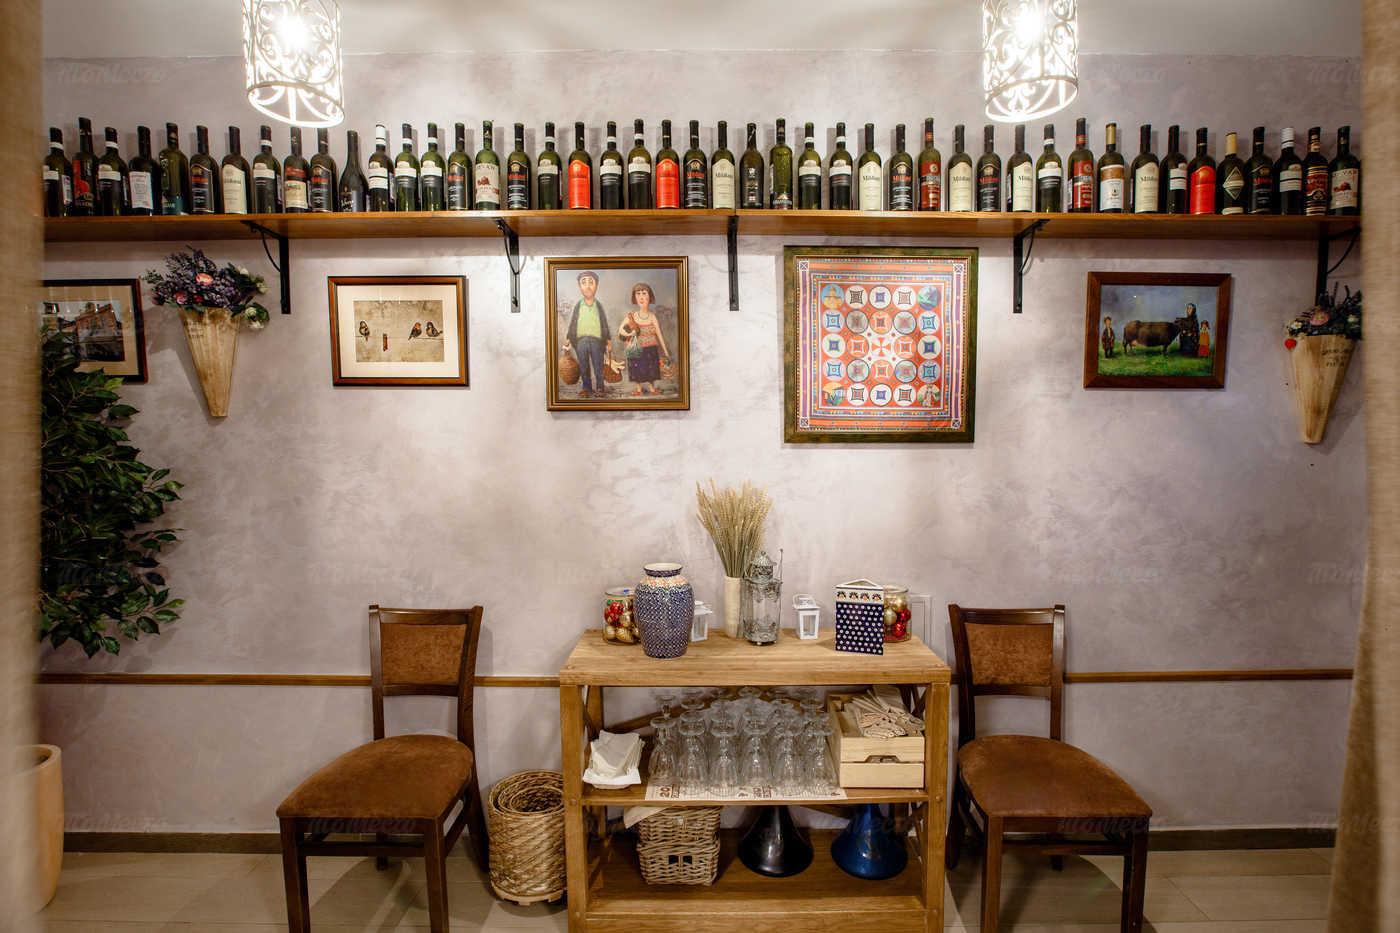 Кафе Этнос в Кузнечном переулке фото 8